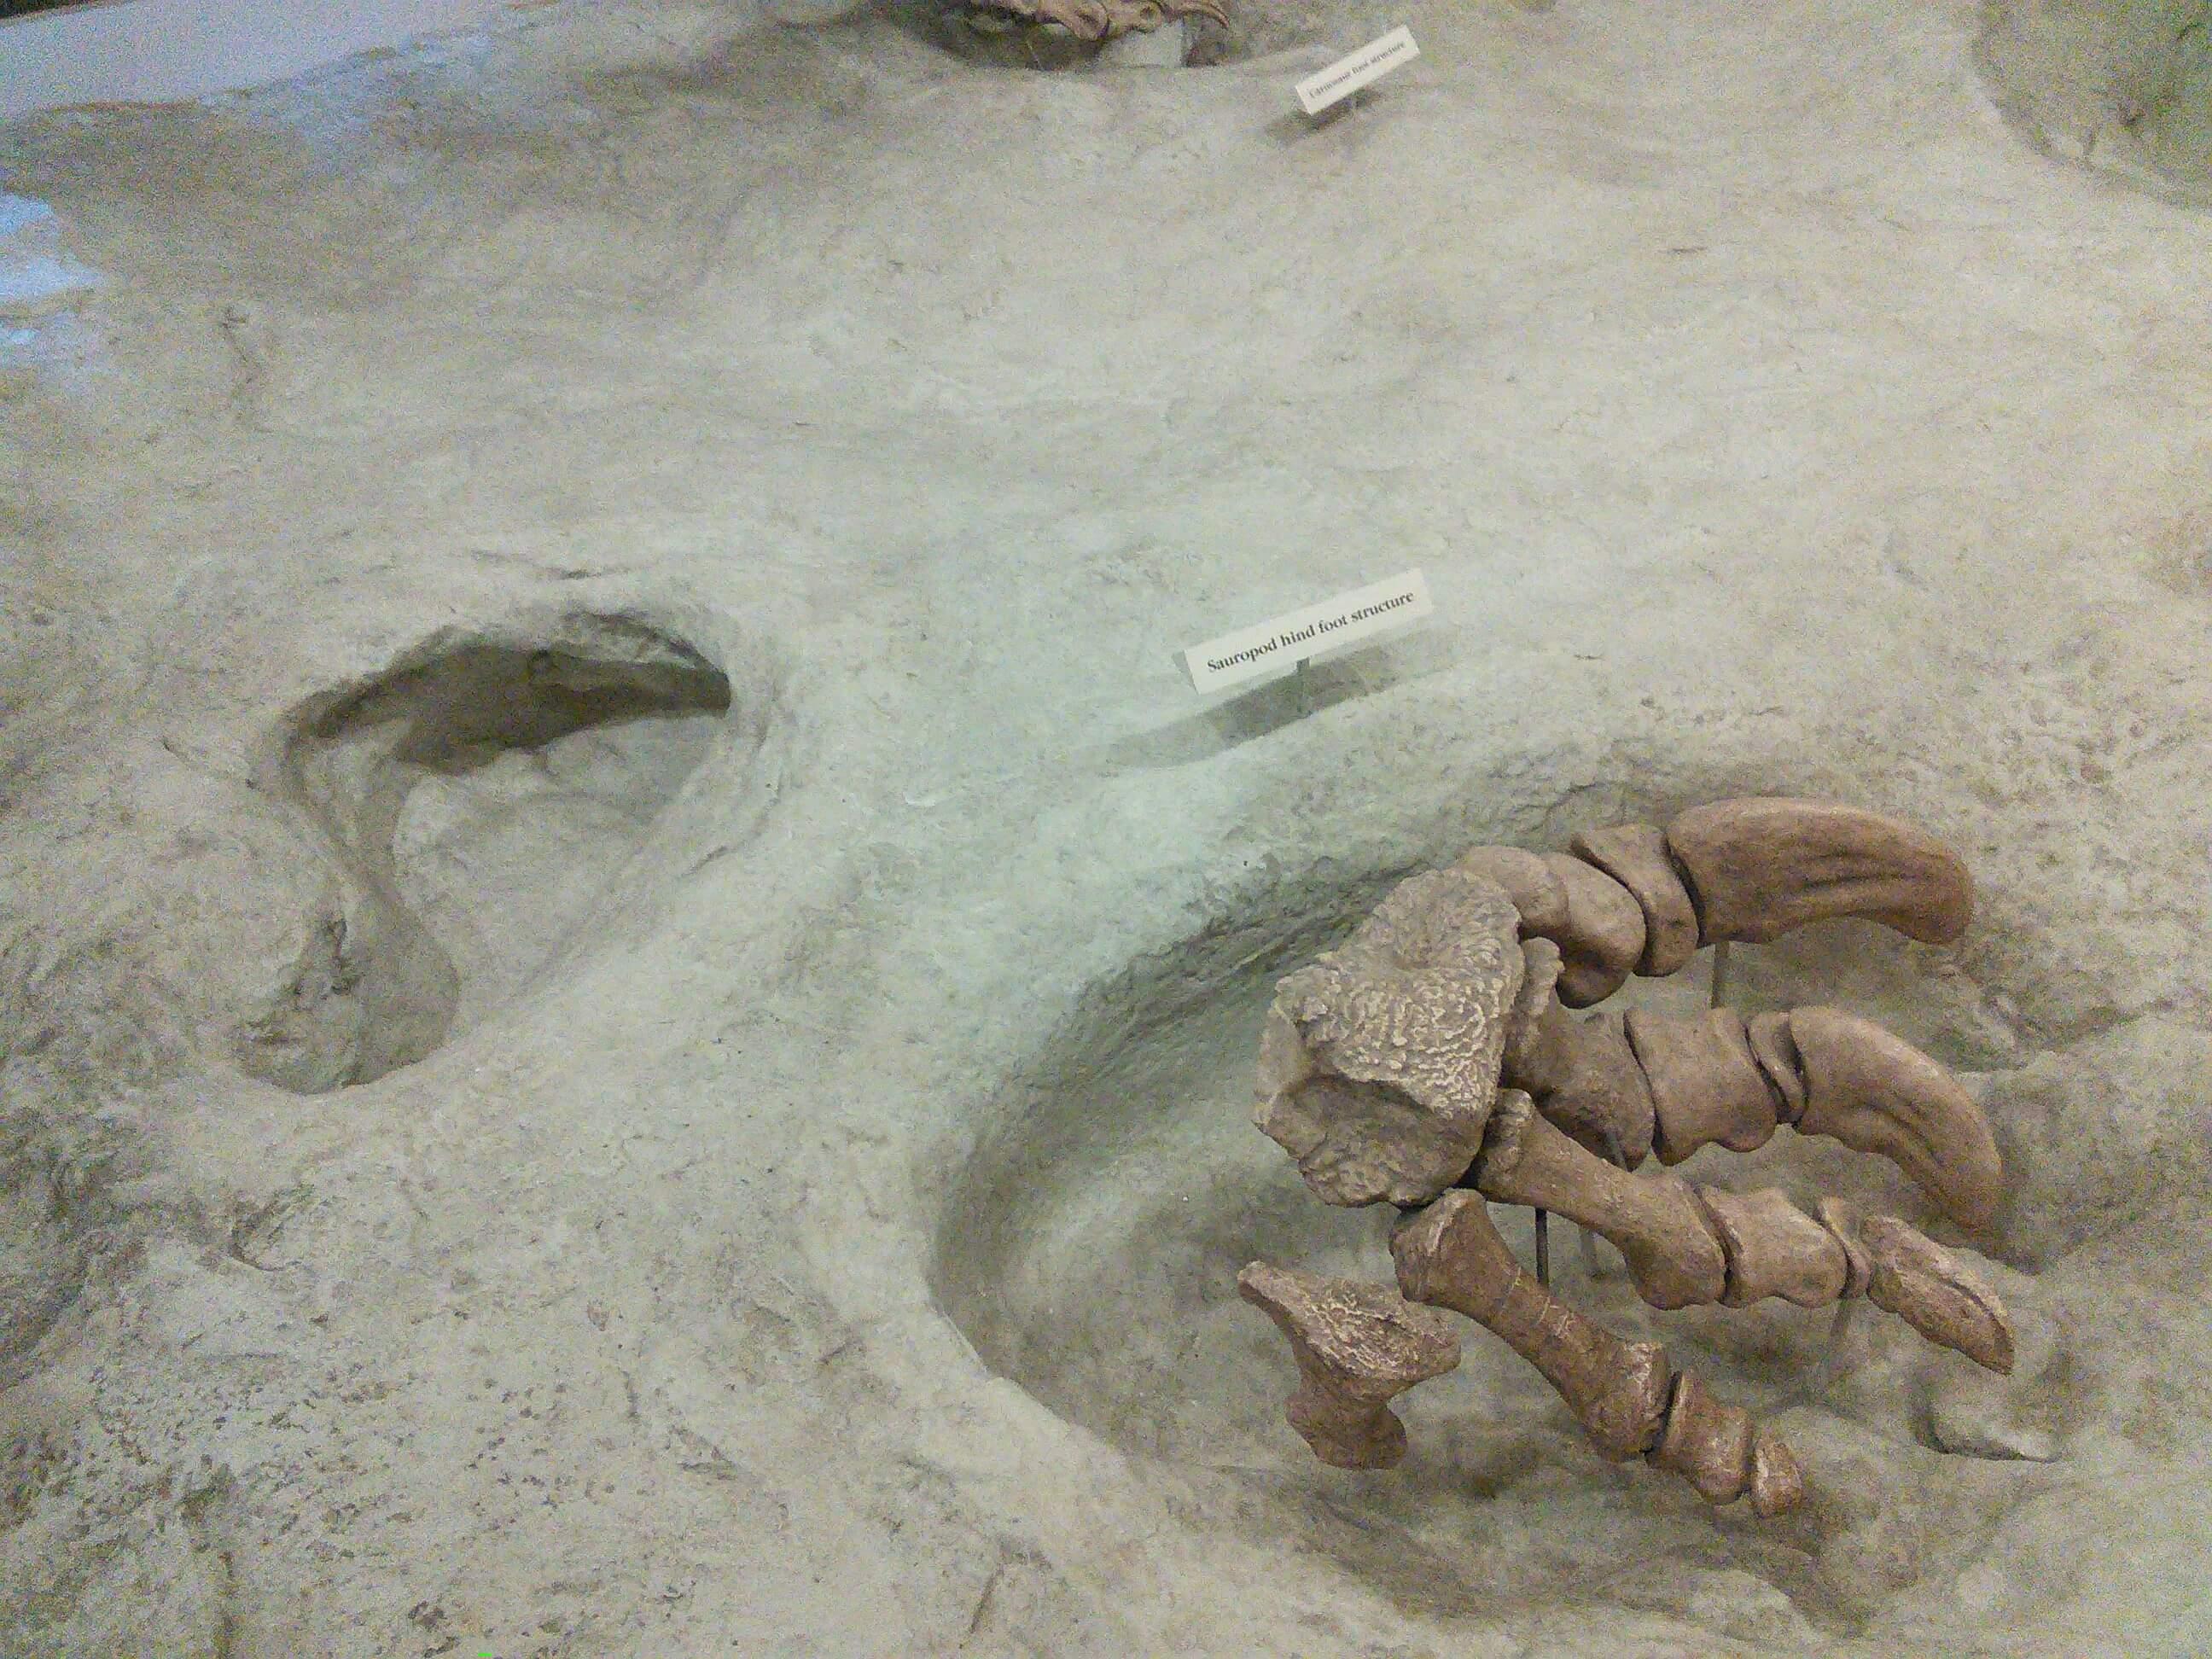 Sauropod Dinosaur Foot at Dinosaur Valley State Park, TX